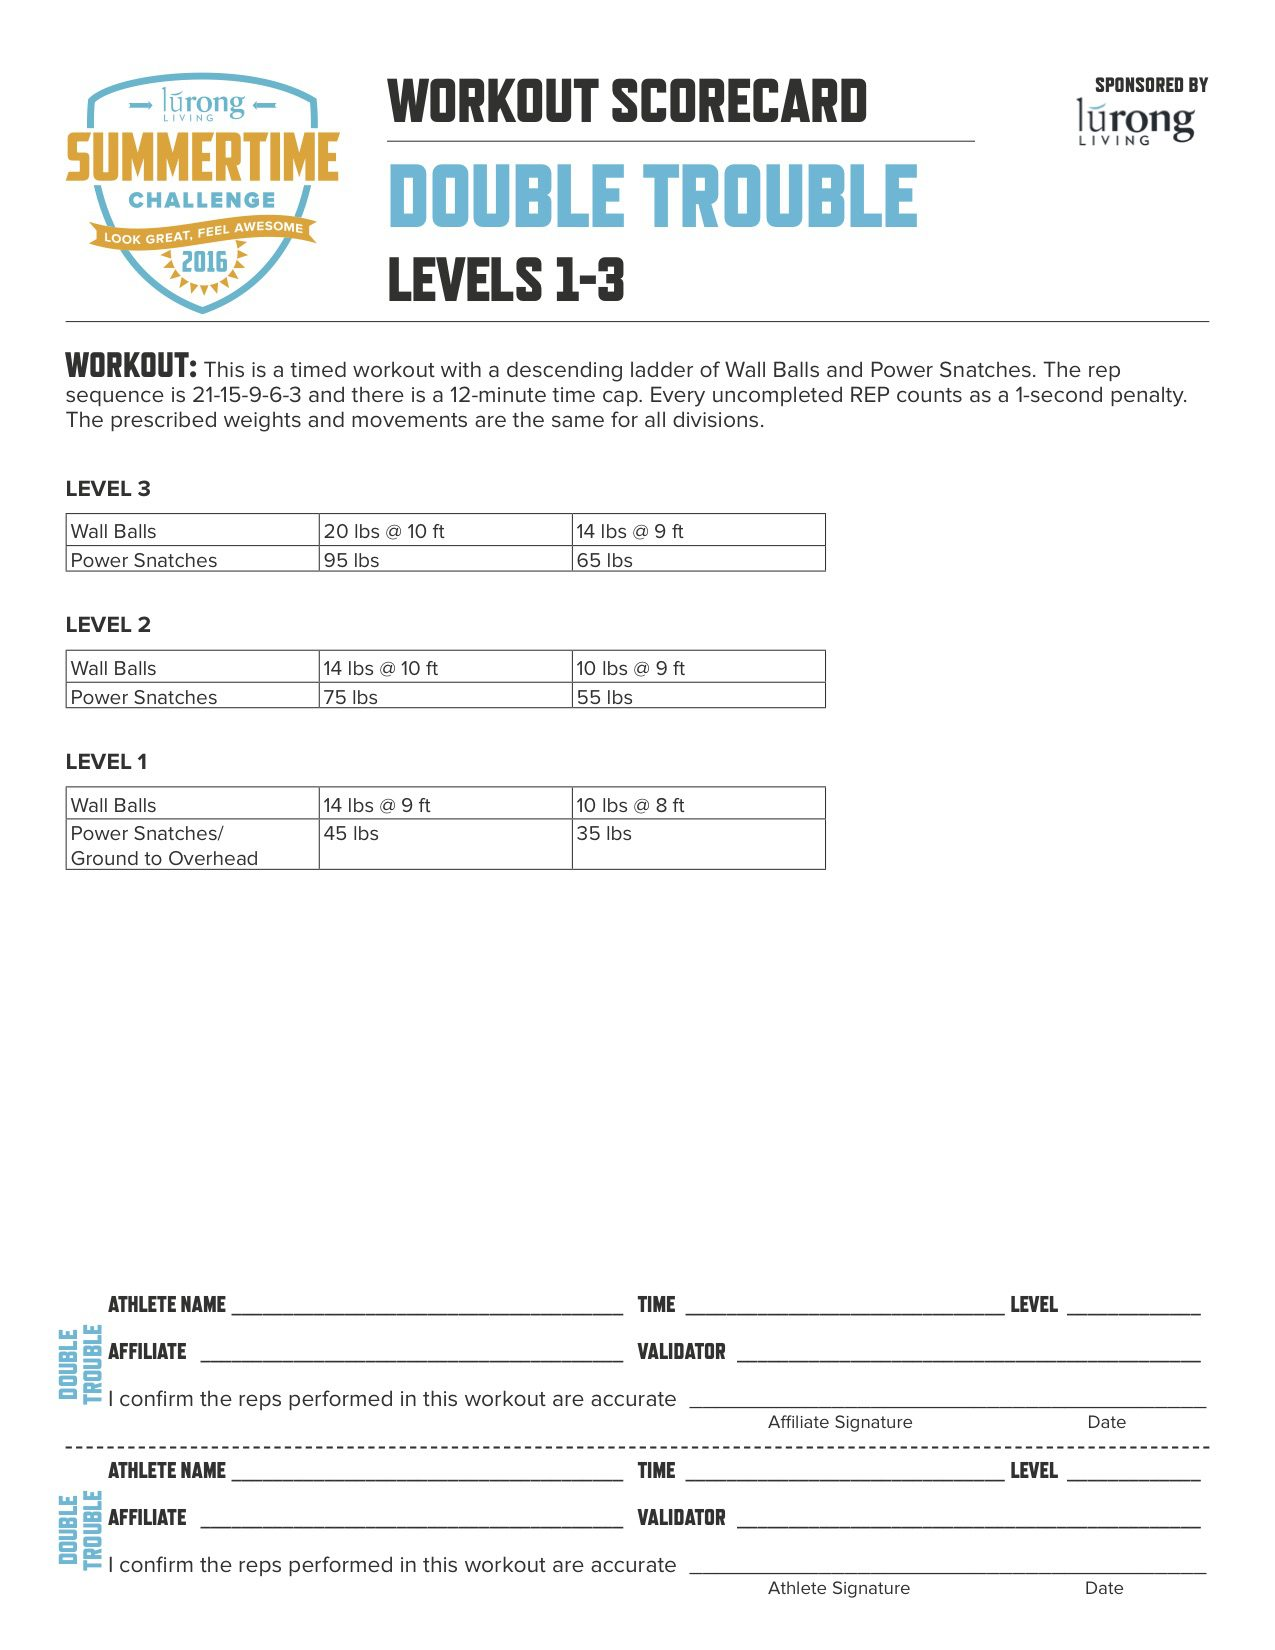 double-trouble-sc copy